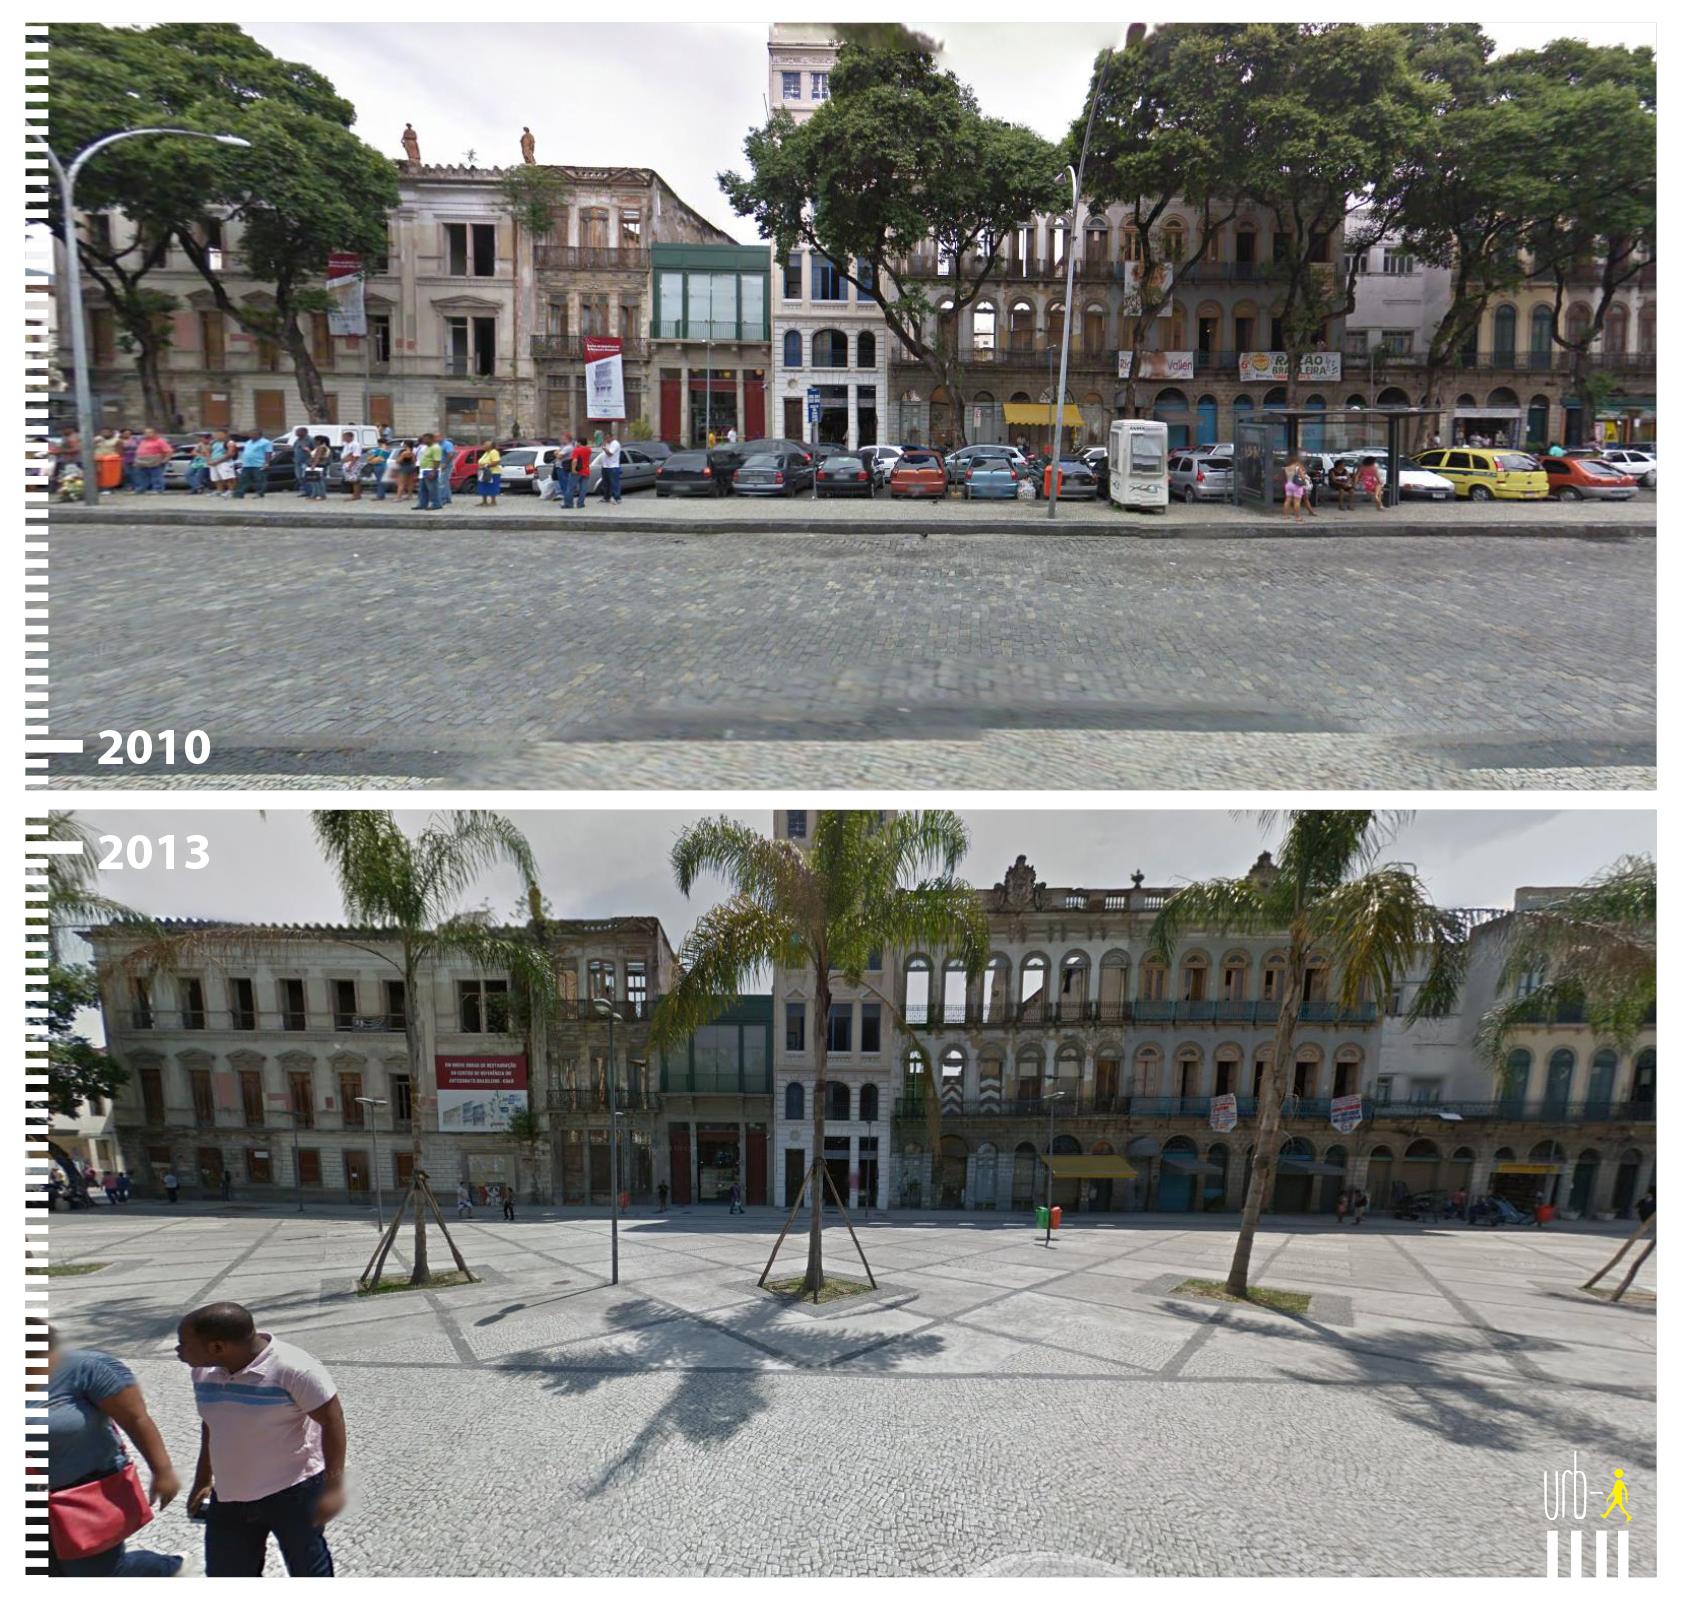 0116_BR_Rio_de_Janeiro_Praça_Tiradentes